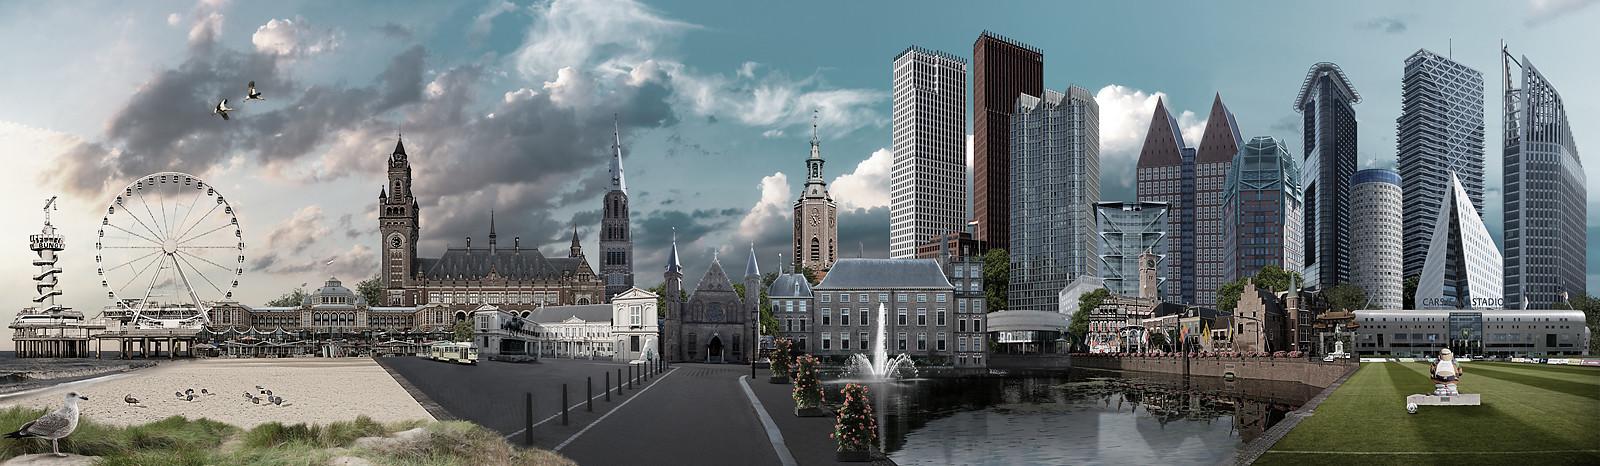 Skyline Den Haag realistisch versie 2